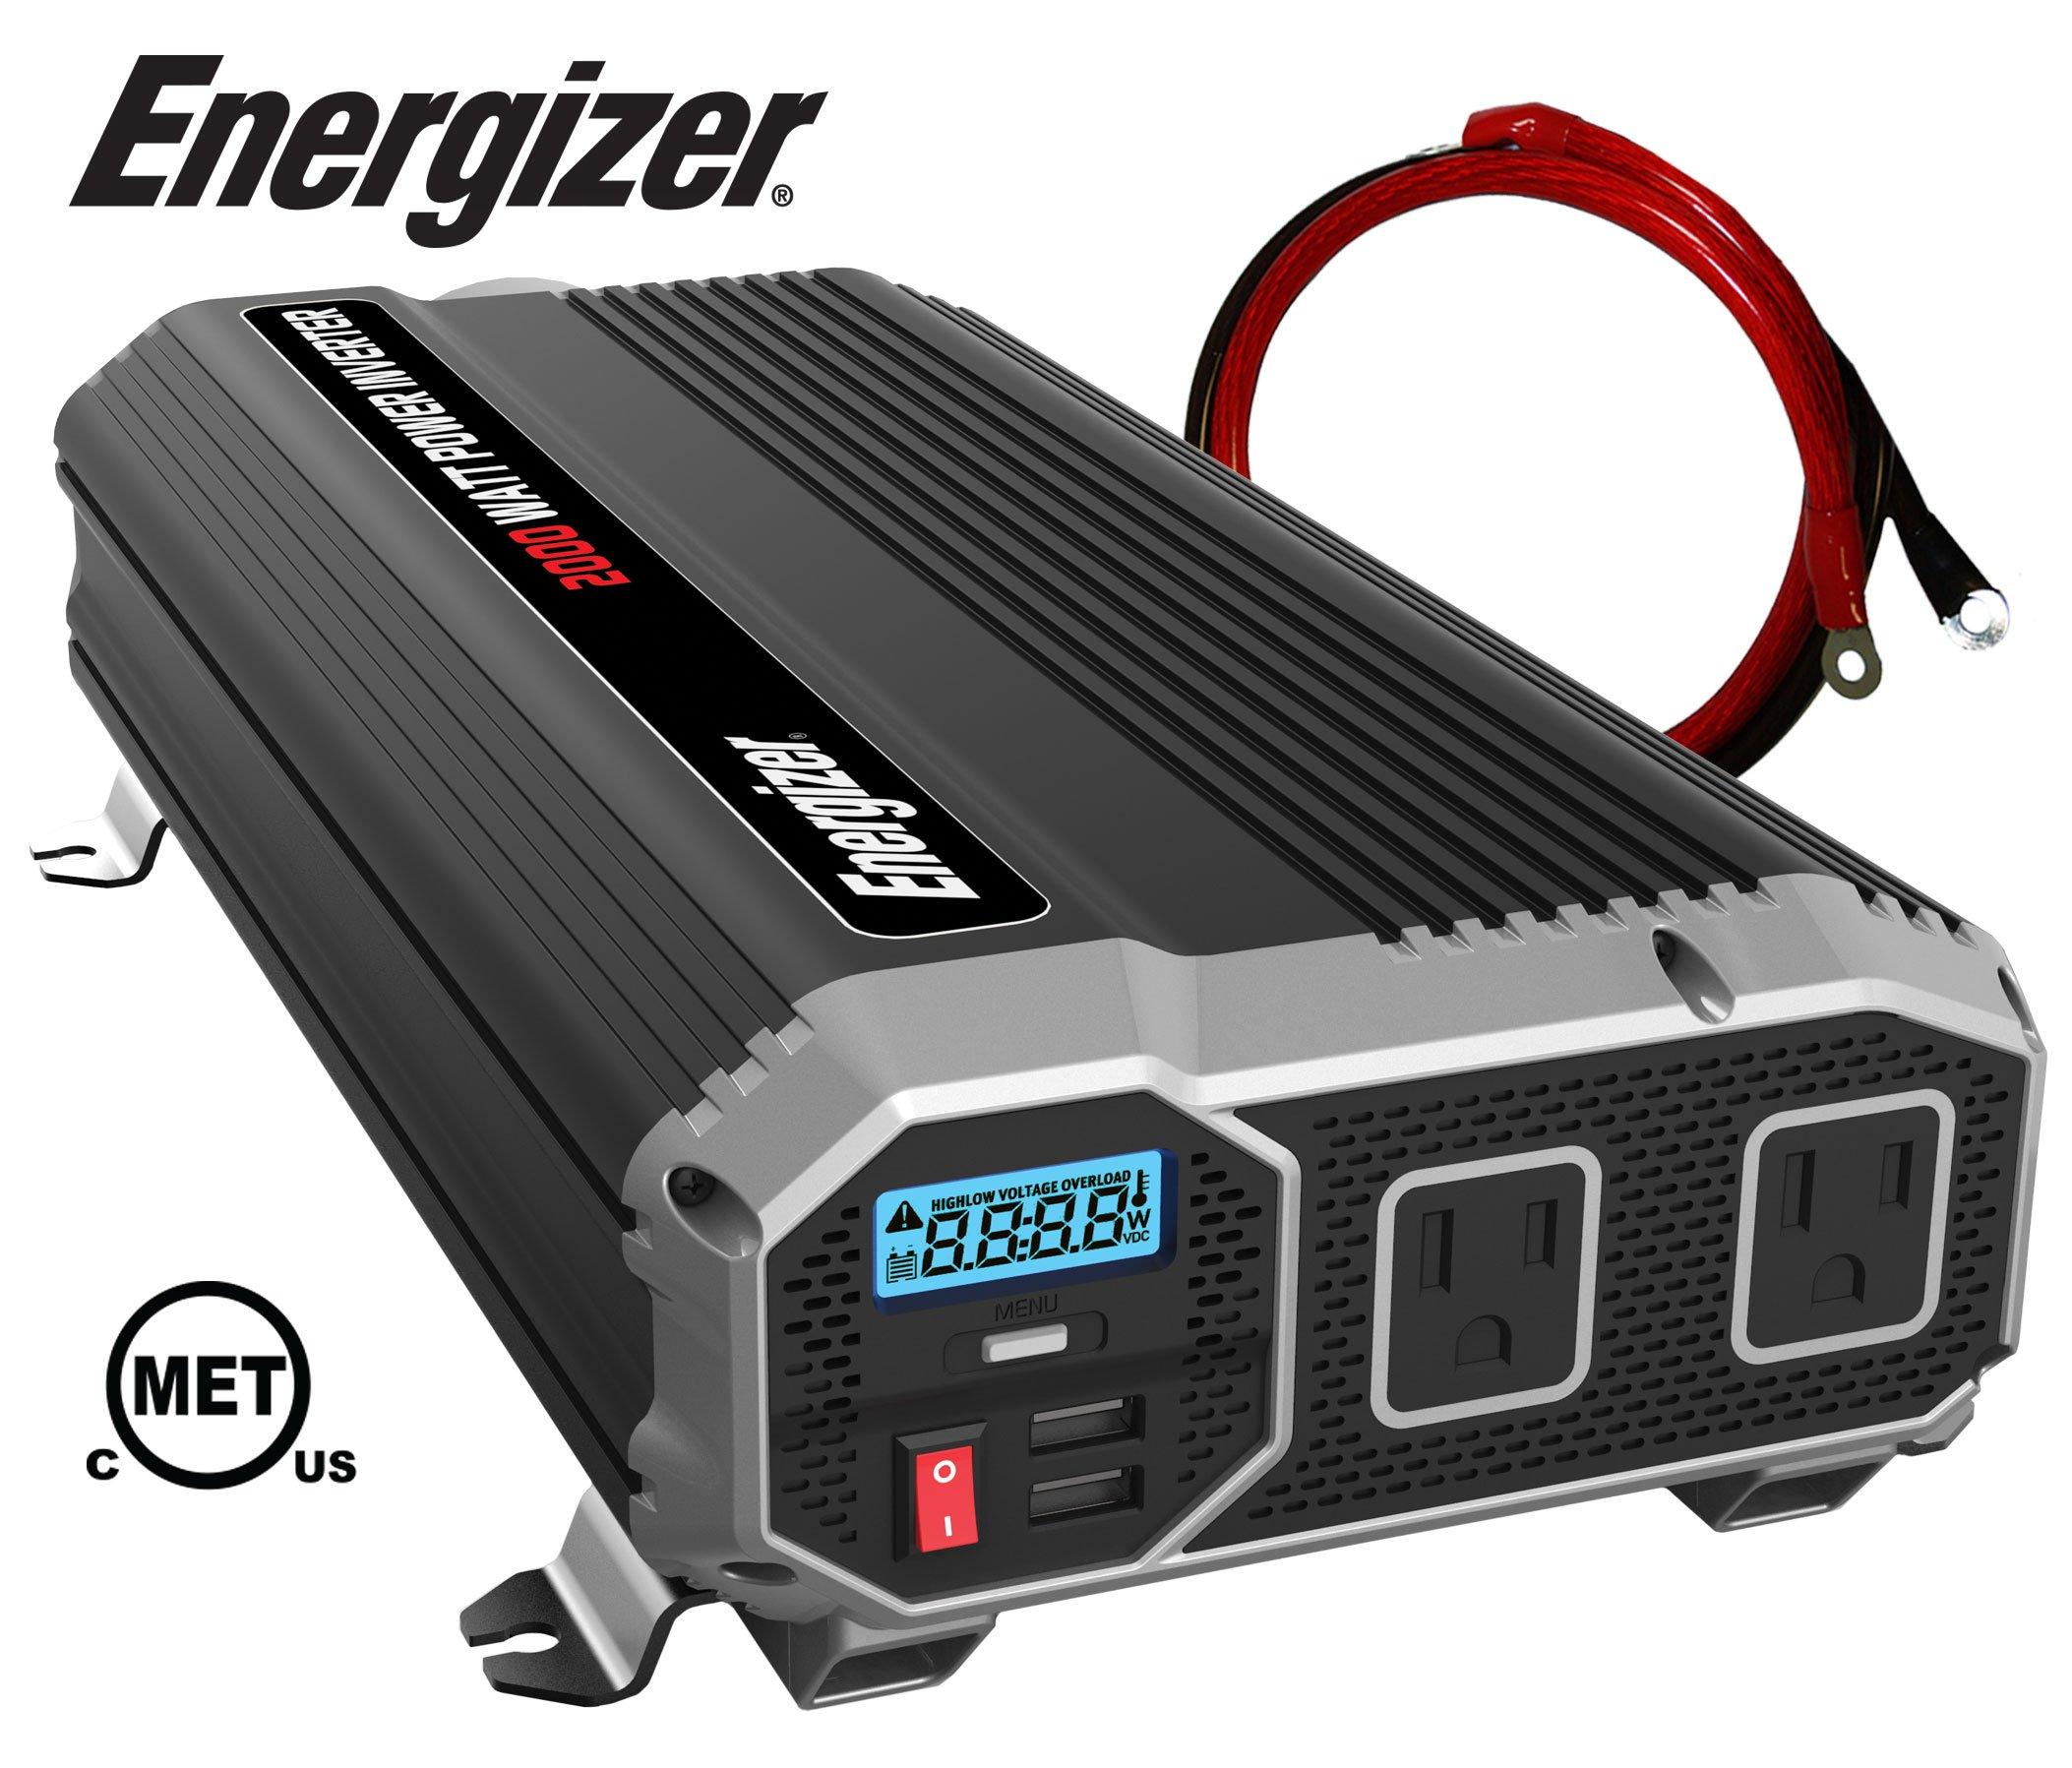 ENERGIZER Inverter Outlets Automotive Converts